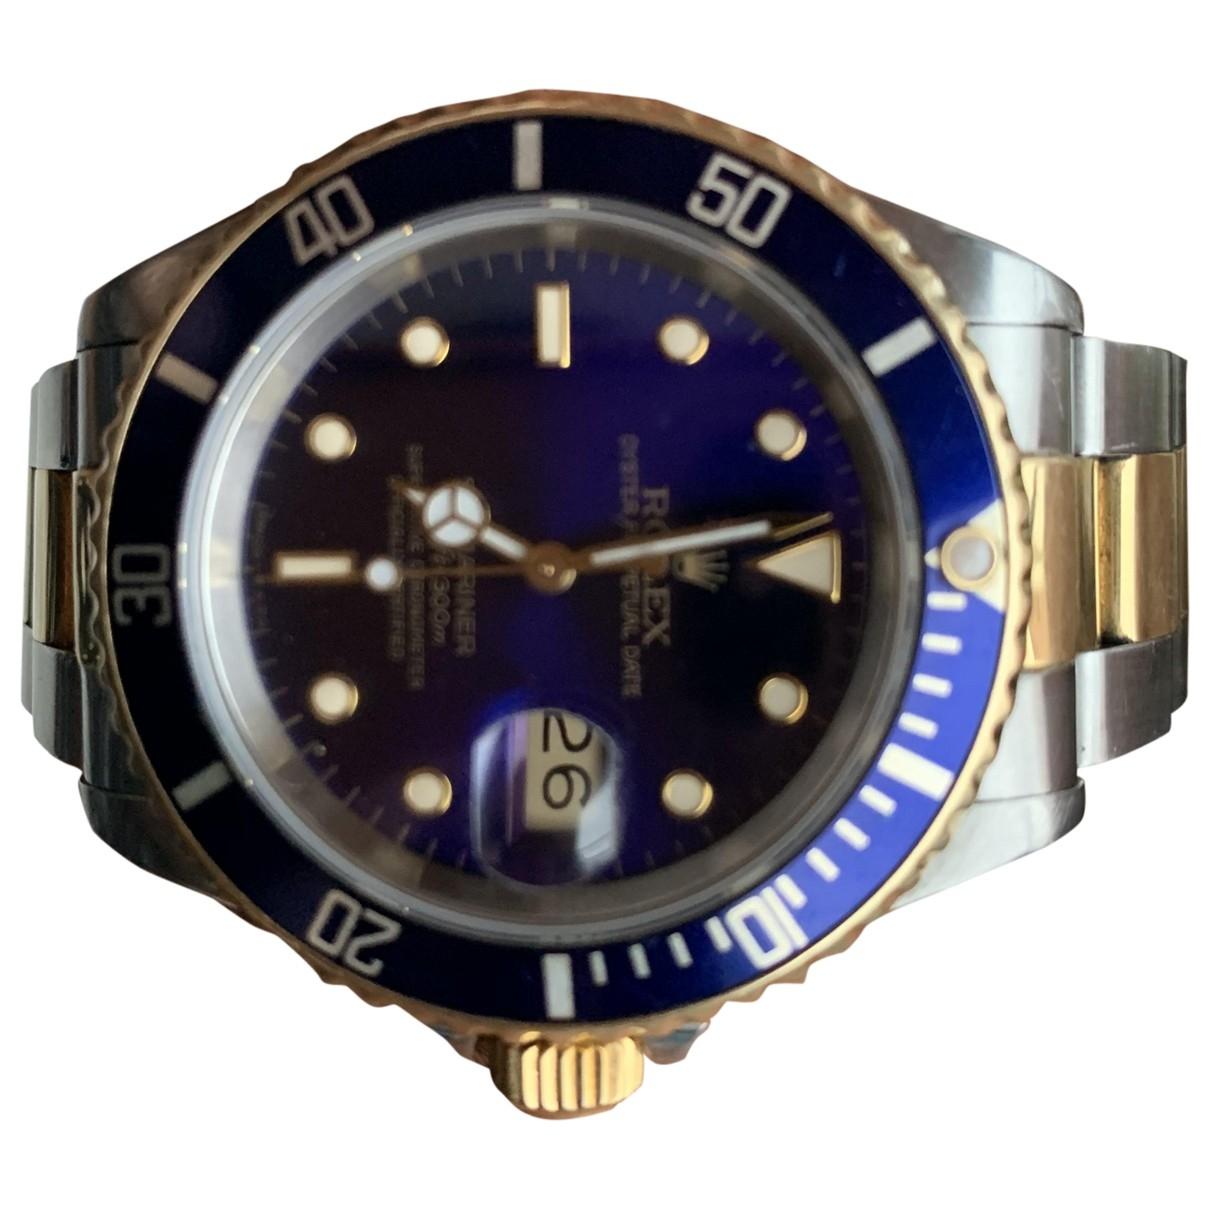 Rolex - Montre Submariner pour homme en or et acier - marine